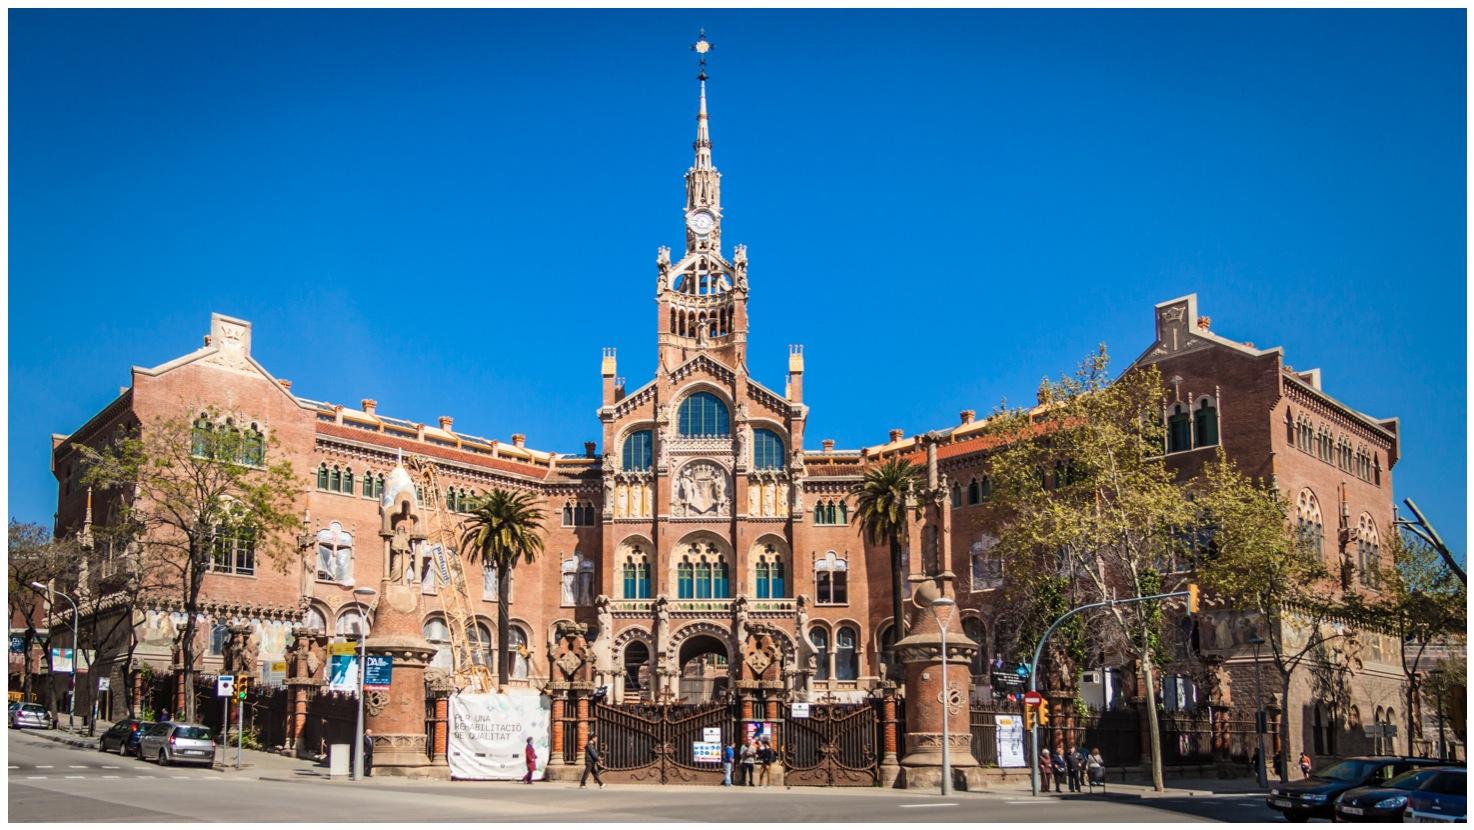 Barcelona Hospital de Sant Pau Barcelona Santa Creu i Sant Pau hospital